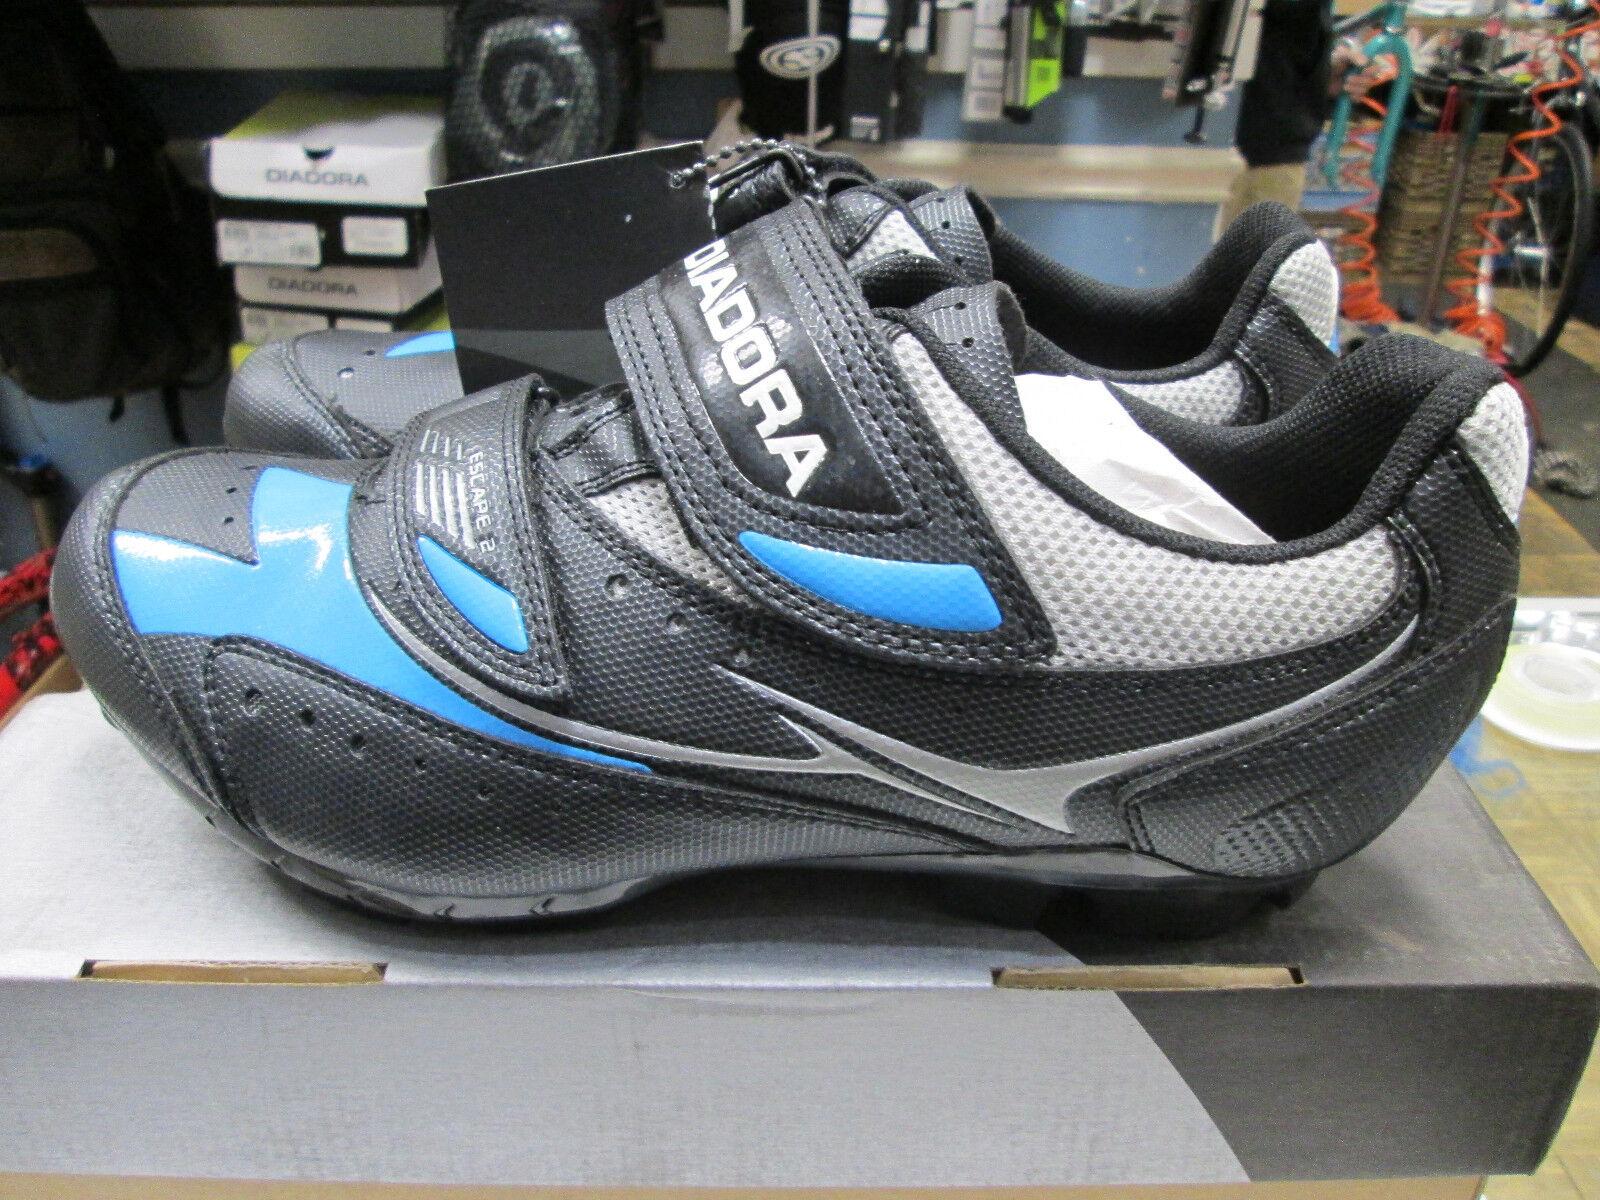 Diadora Escape 2 W 42 EU, 10.0 US para Mujer Montaña Bicicleta de montaña Spin Touring Zapato De Ciclismo